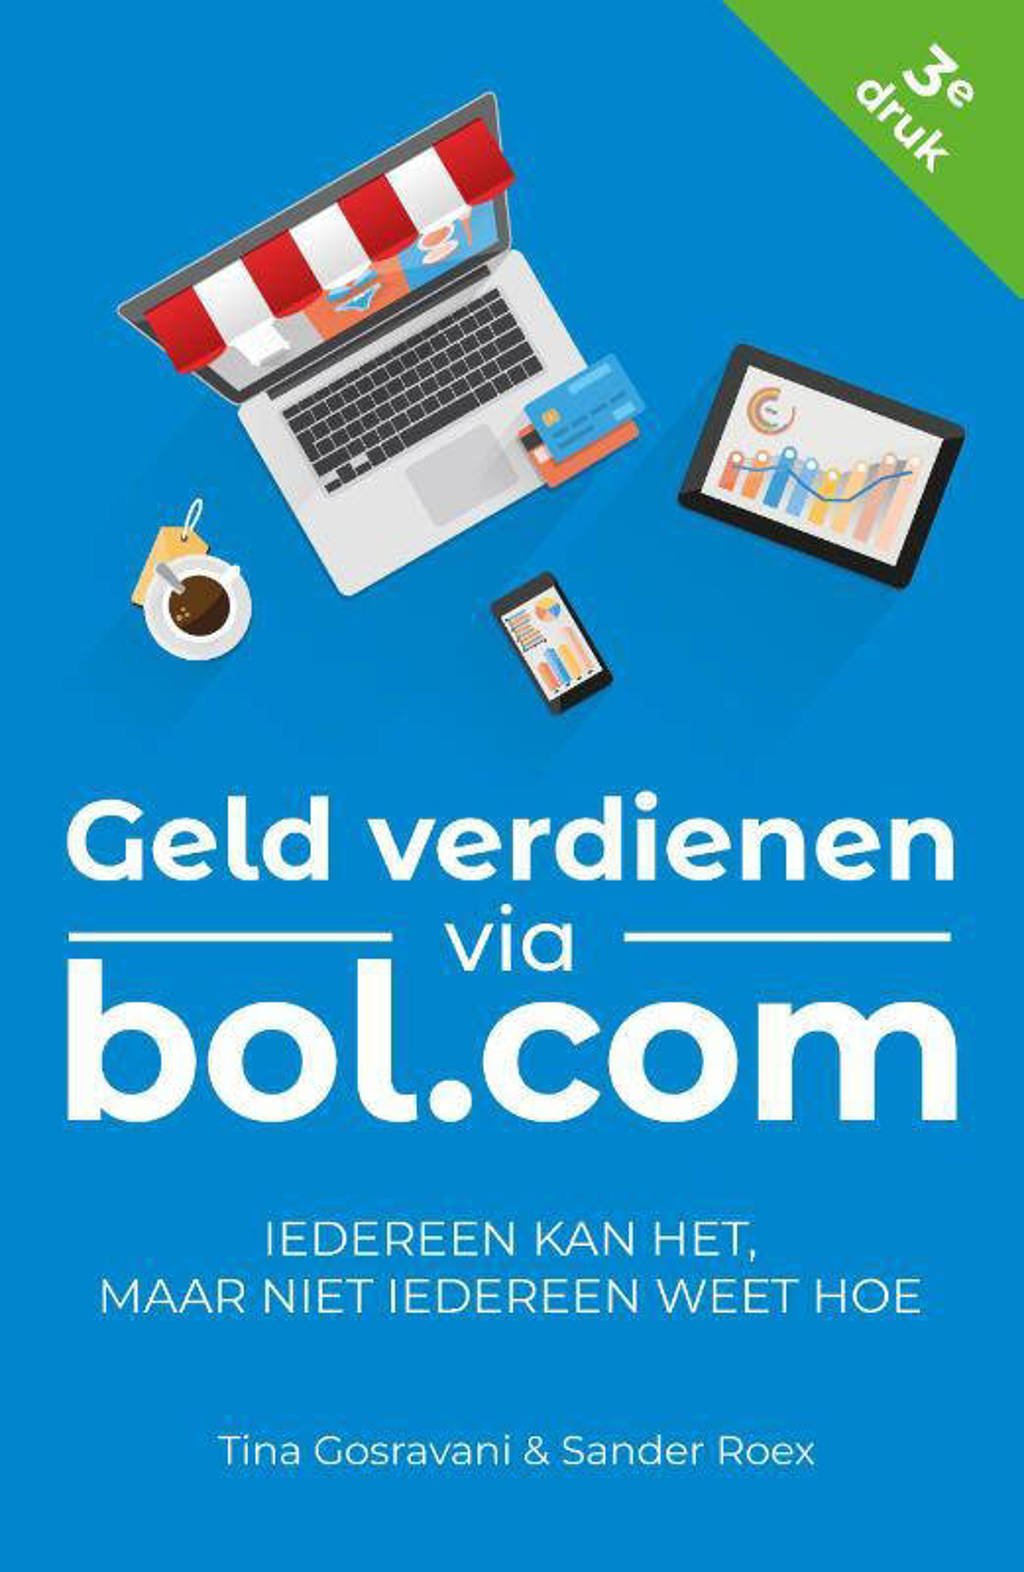 Geld verdienen via bol.com - Tina Gosravani en Sander Roex